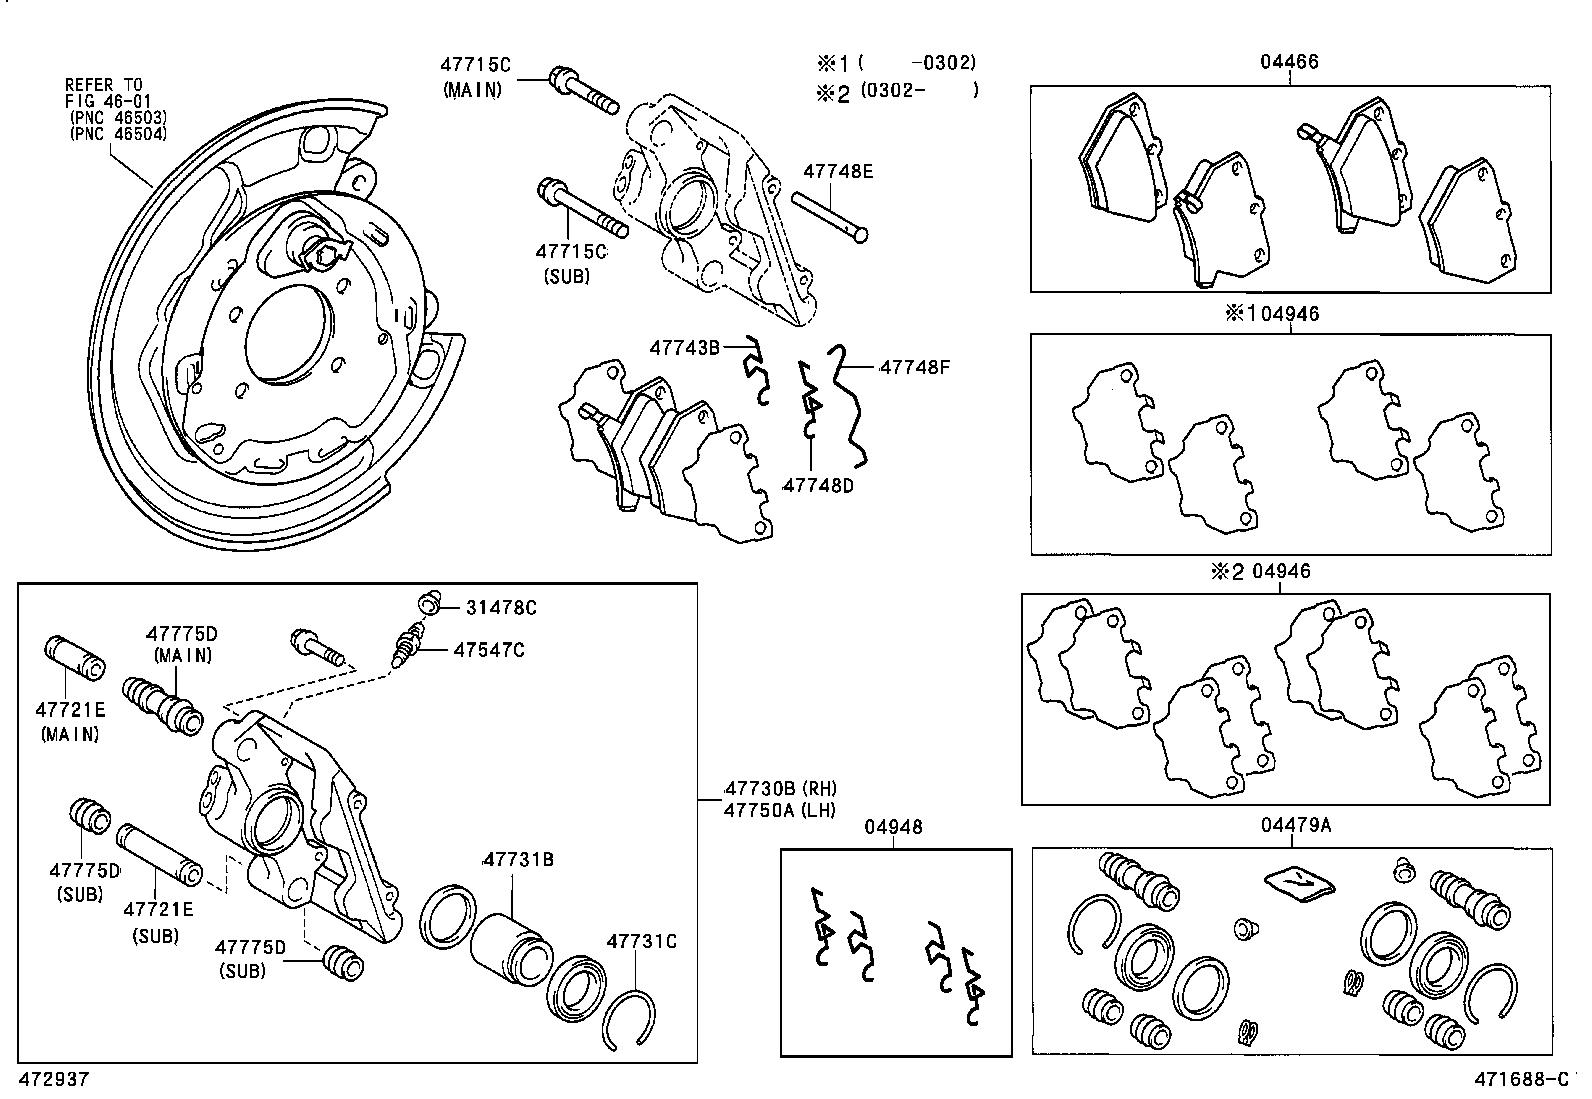 Wiring Diagram Database: 2008 Toyota Prius Parts Diagram